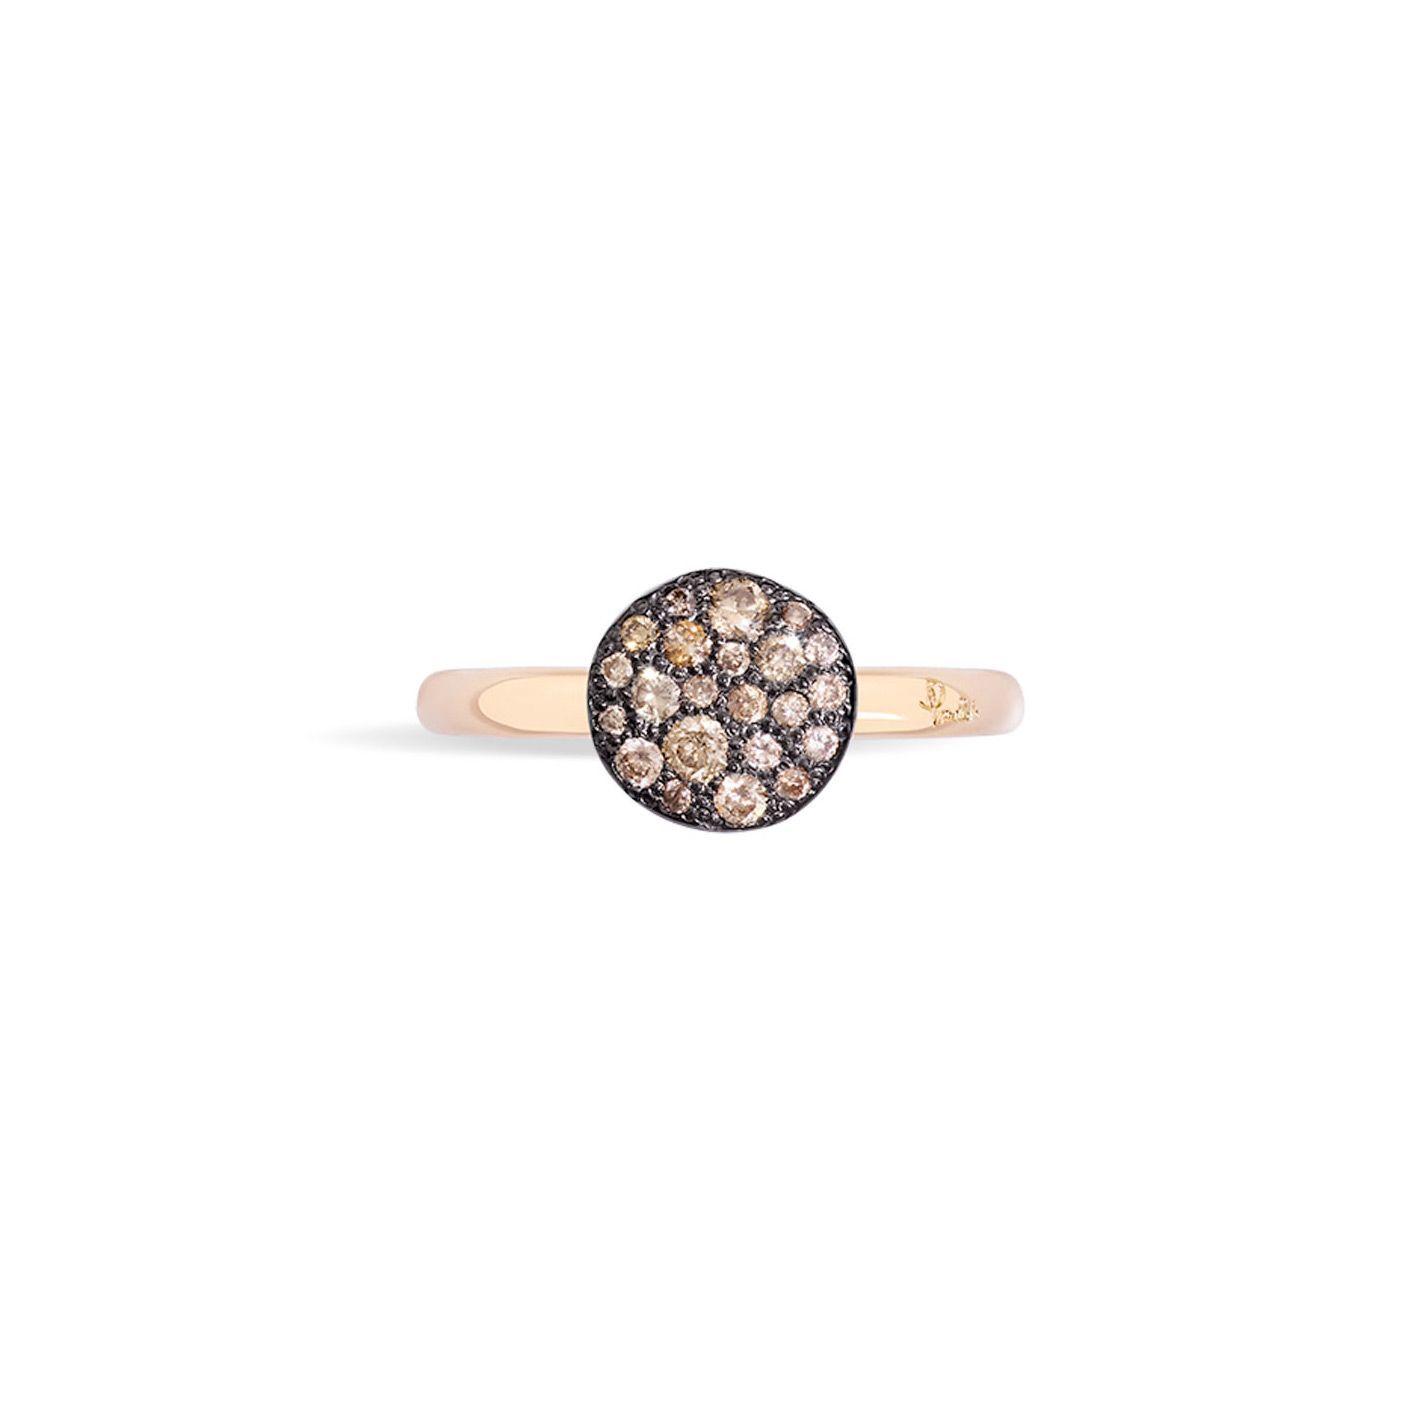 Bague Pomellato Sabbia petit modèle en Or rose et Diamant brun vue 2